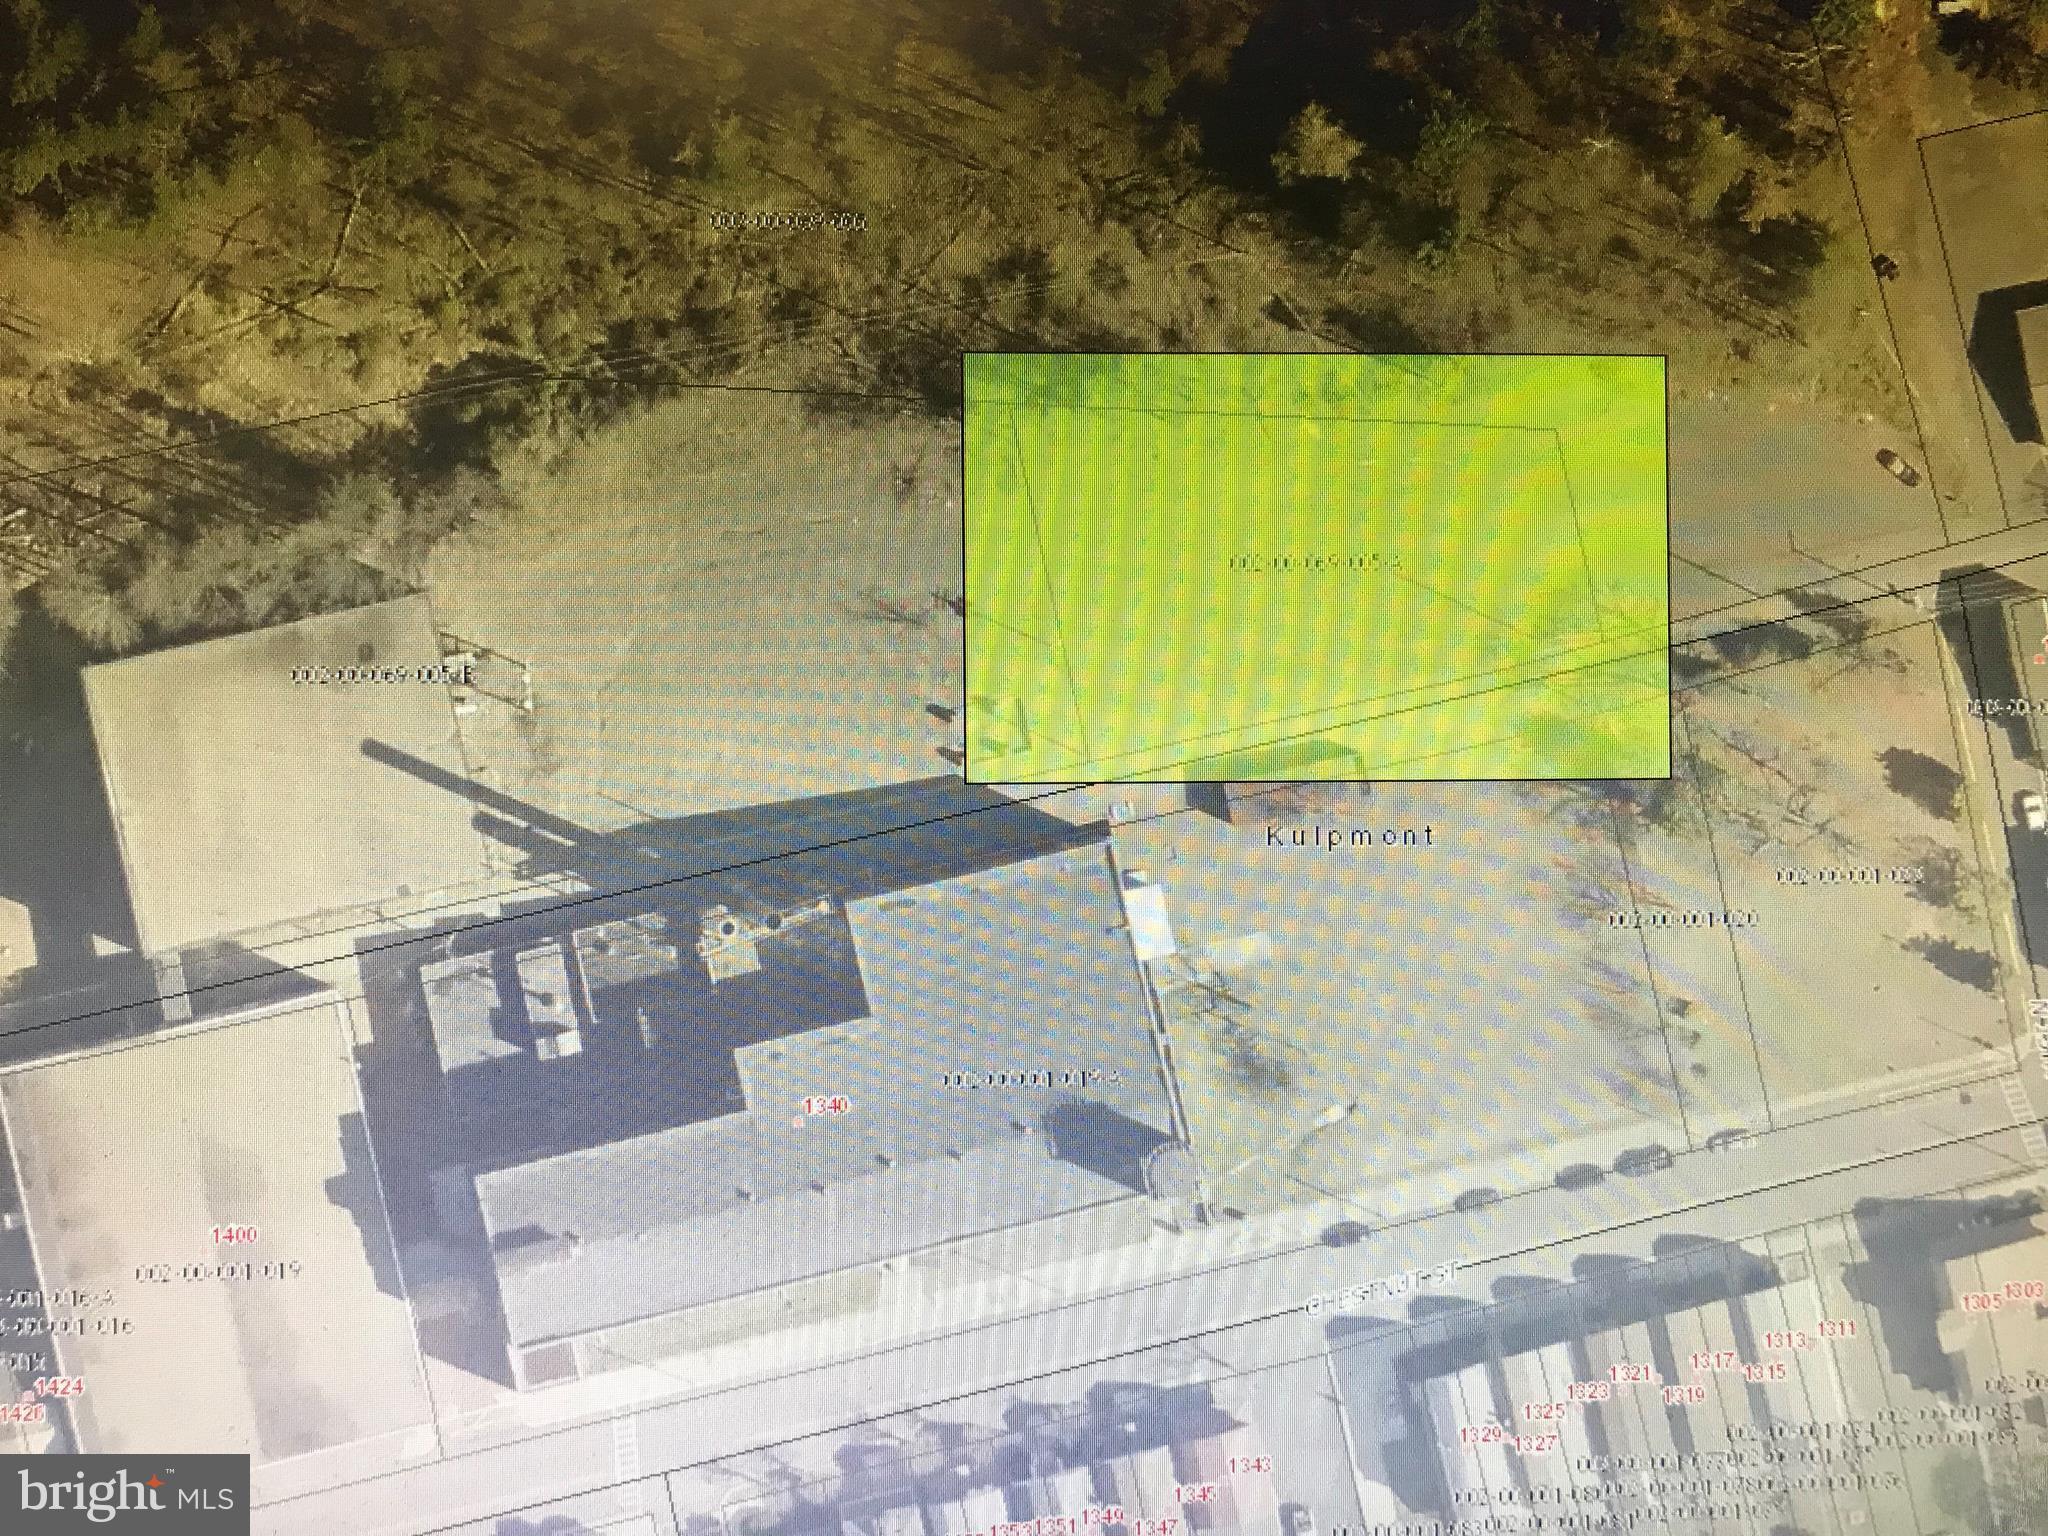 MAPLE STREET, KULPMONT, PA 17834